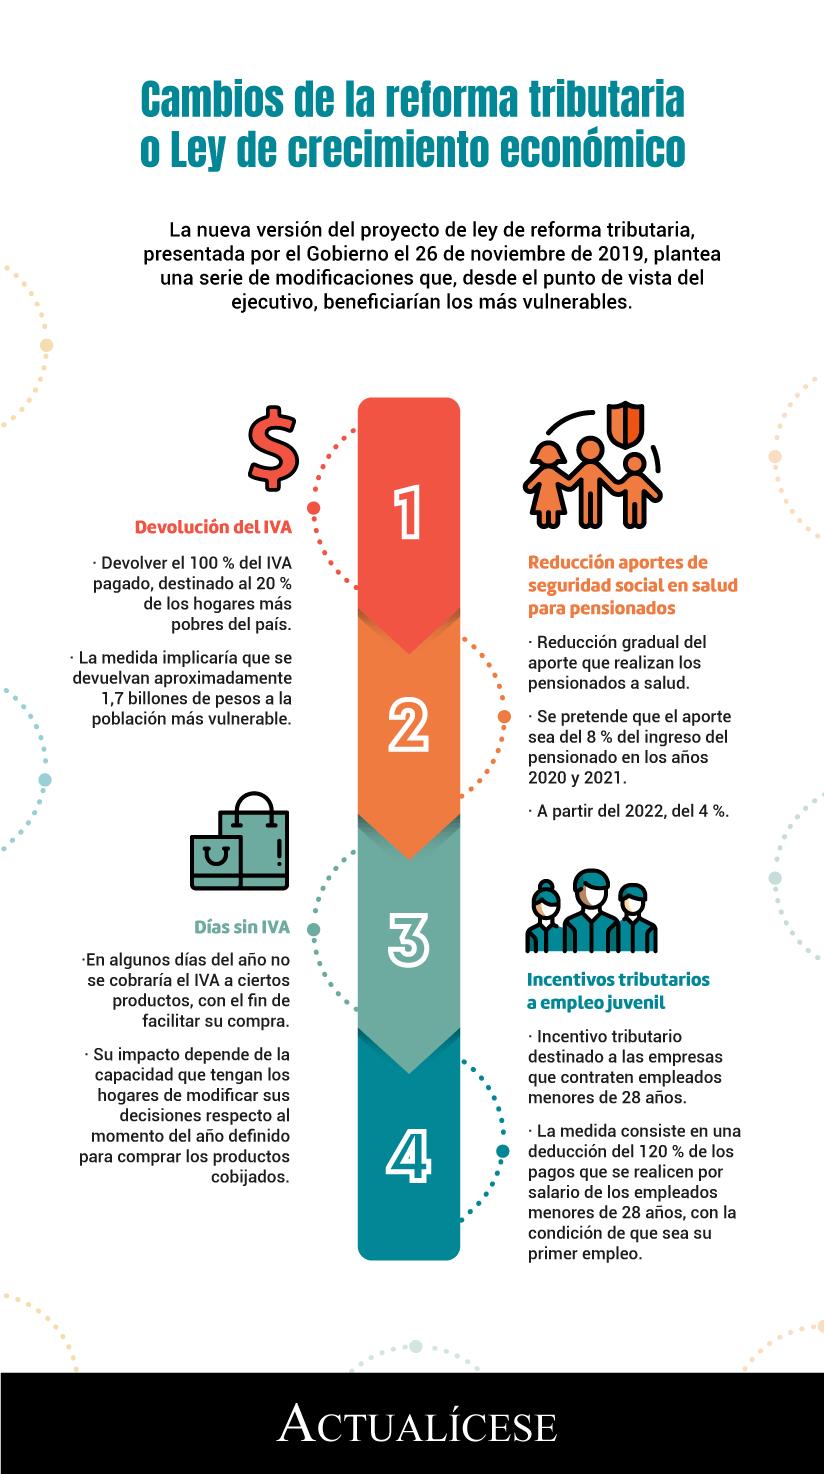 [Infografía] Cambios de la reforma tributaria o Ley de crecimiento económico